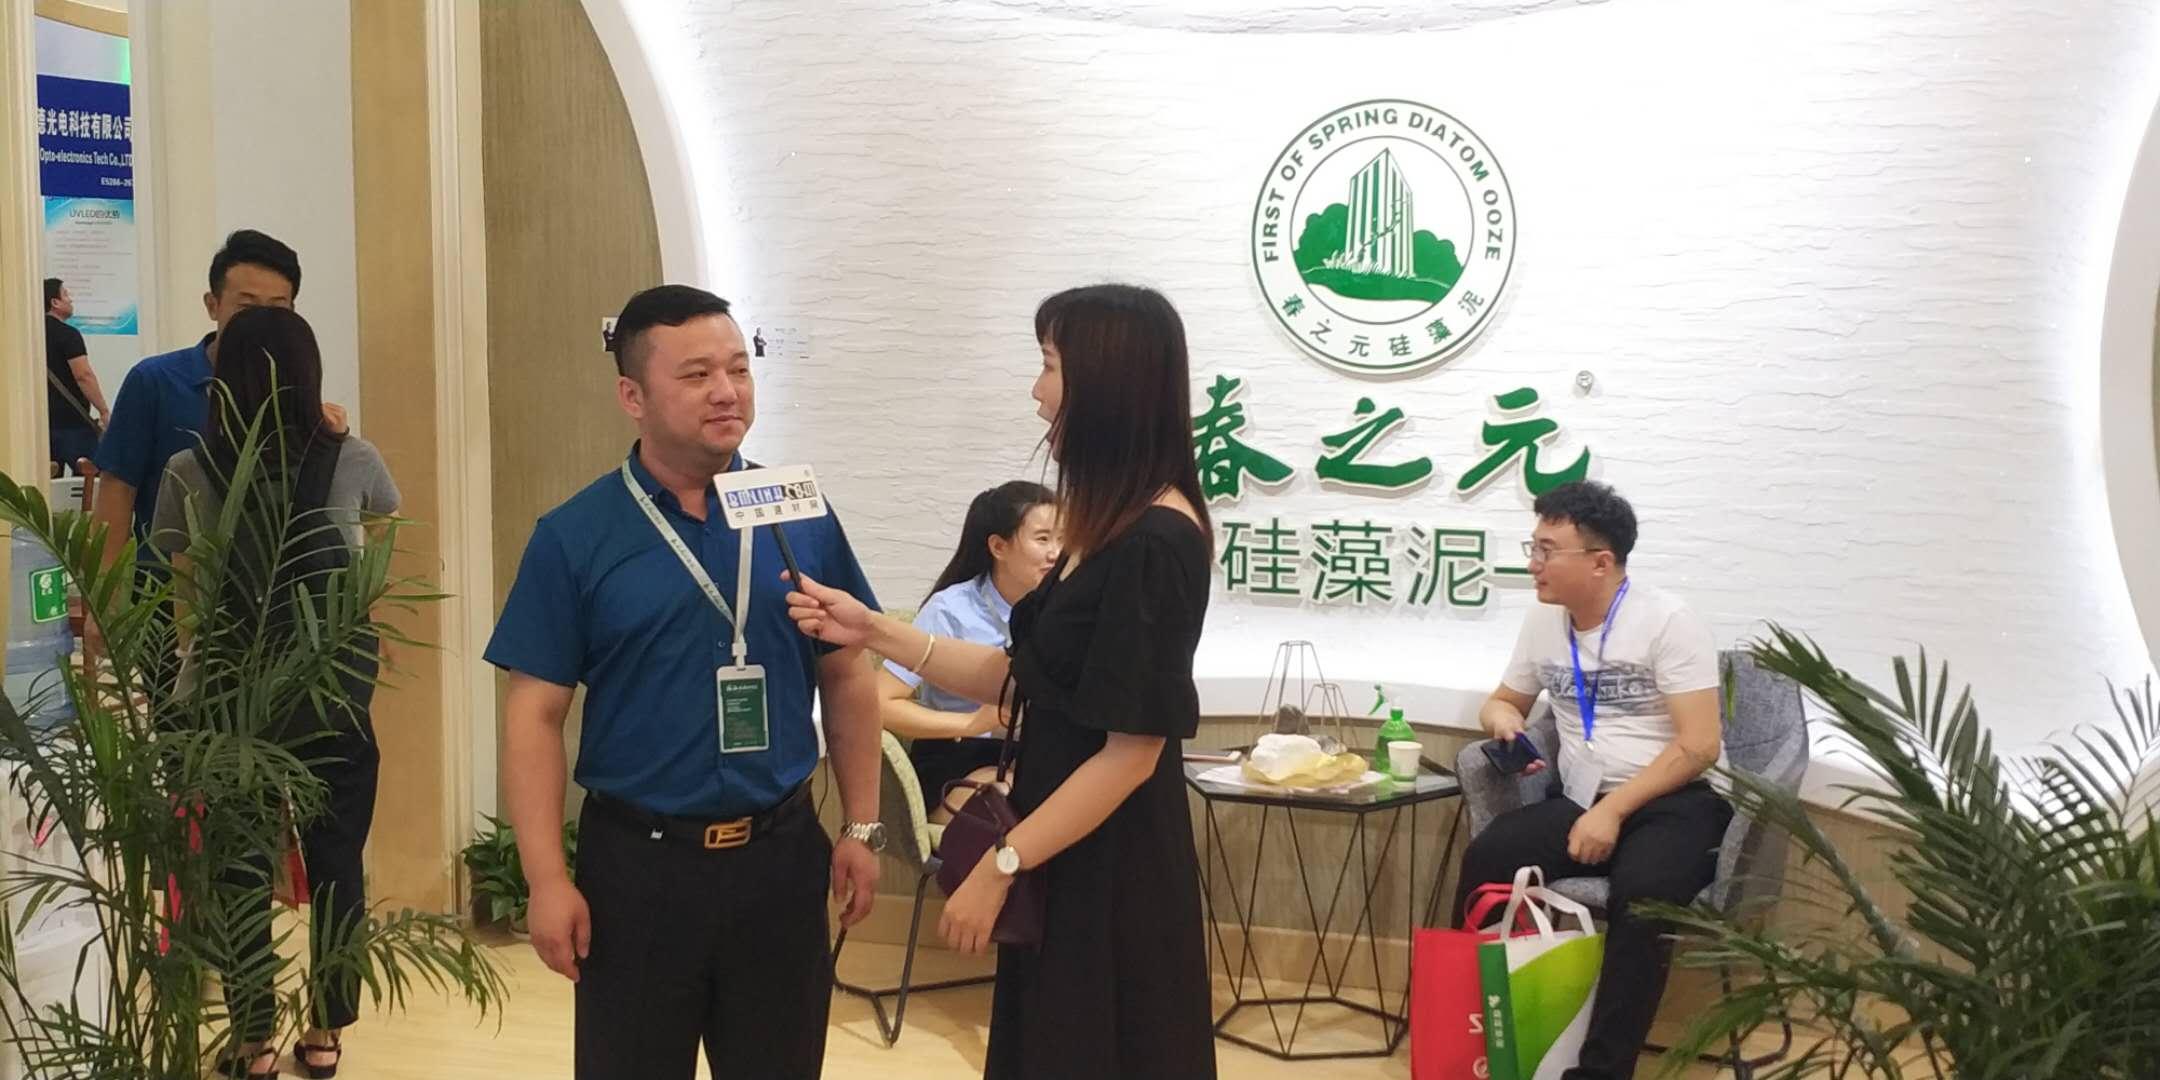 接受中国建材网采访